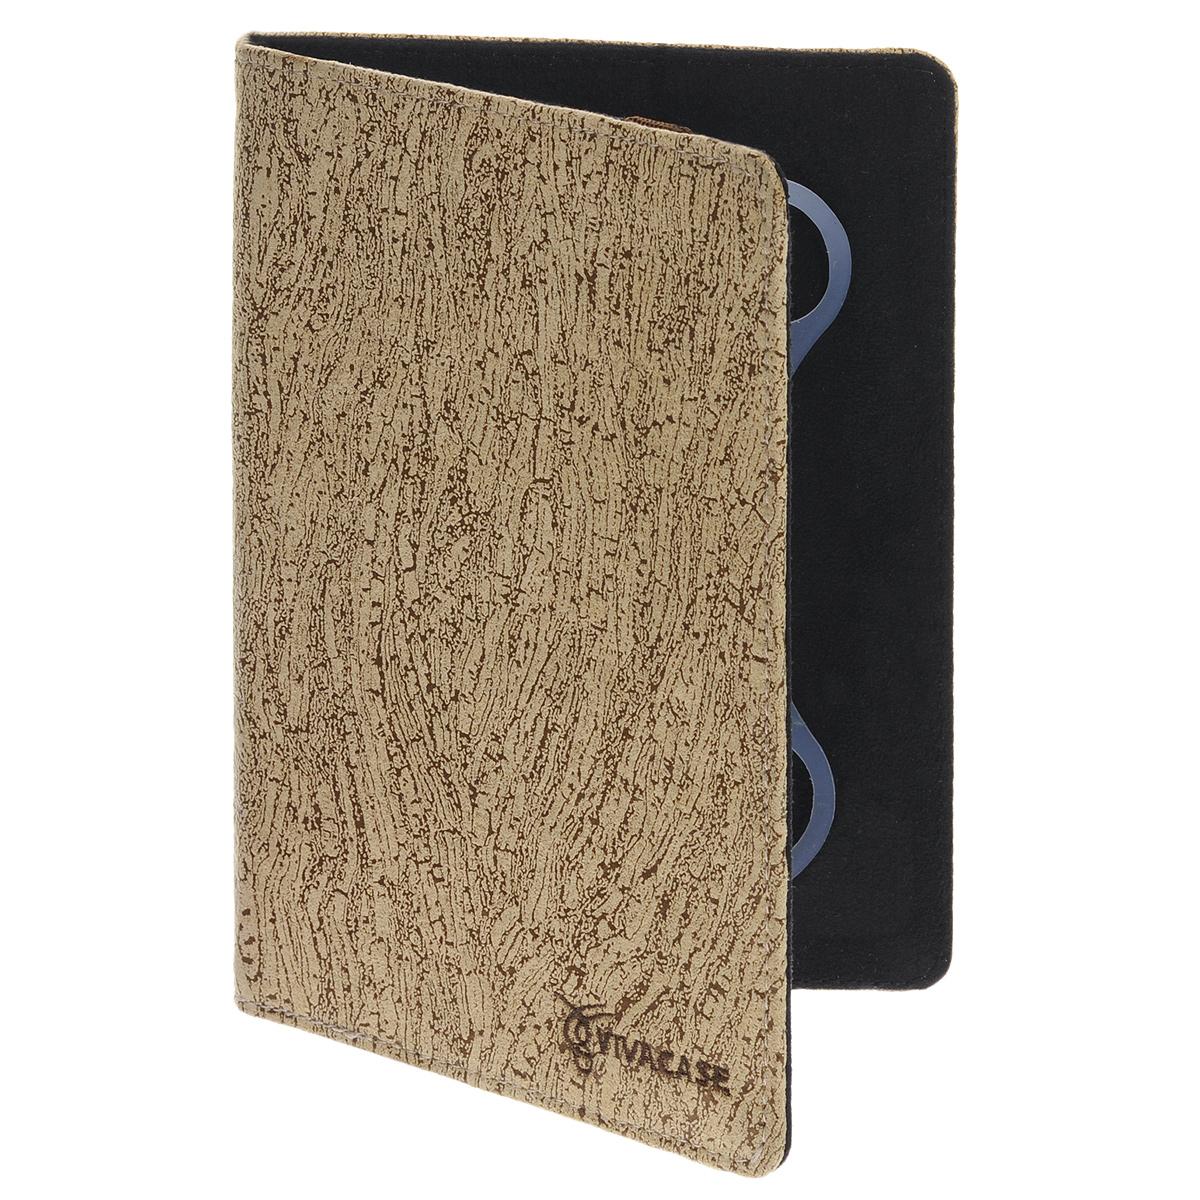 Vivacase Birch универсальный чехол-обложка для планшетов 9, Coffee Milk (VUC-CBR09-cm)VUC-CBR09-cmУниверсальный чехол Vivacase с резиновым креплением, который подходит для любых популярных планшетов с диагональю дисплея в 9 дюймов. Он изготовлен из ткани, которой обтянут прочный каркас, защищающий устройство во время падений. Внутренняя часть отделана мягкой подкладкой, которая не оставляет никаких следов на корпусе и дисплее. Каркас из тонкой и мягкой резины позволяет прочно и надежно закрепить устройство подходящего размера. Для того чтобы установить устройство в альбомной ориентации, удобной для просмотра видео или чтения, чехол имеет подвижную площадку и два углубления, которые позволяют зафиксировать планшет под двумя разными углами.